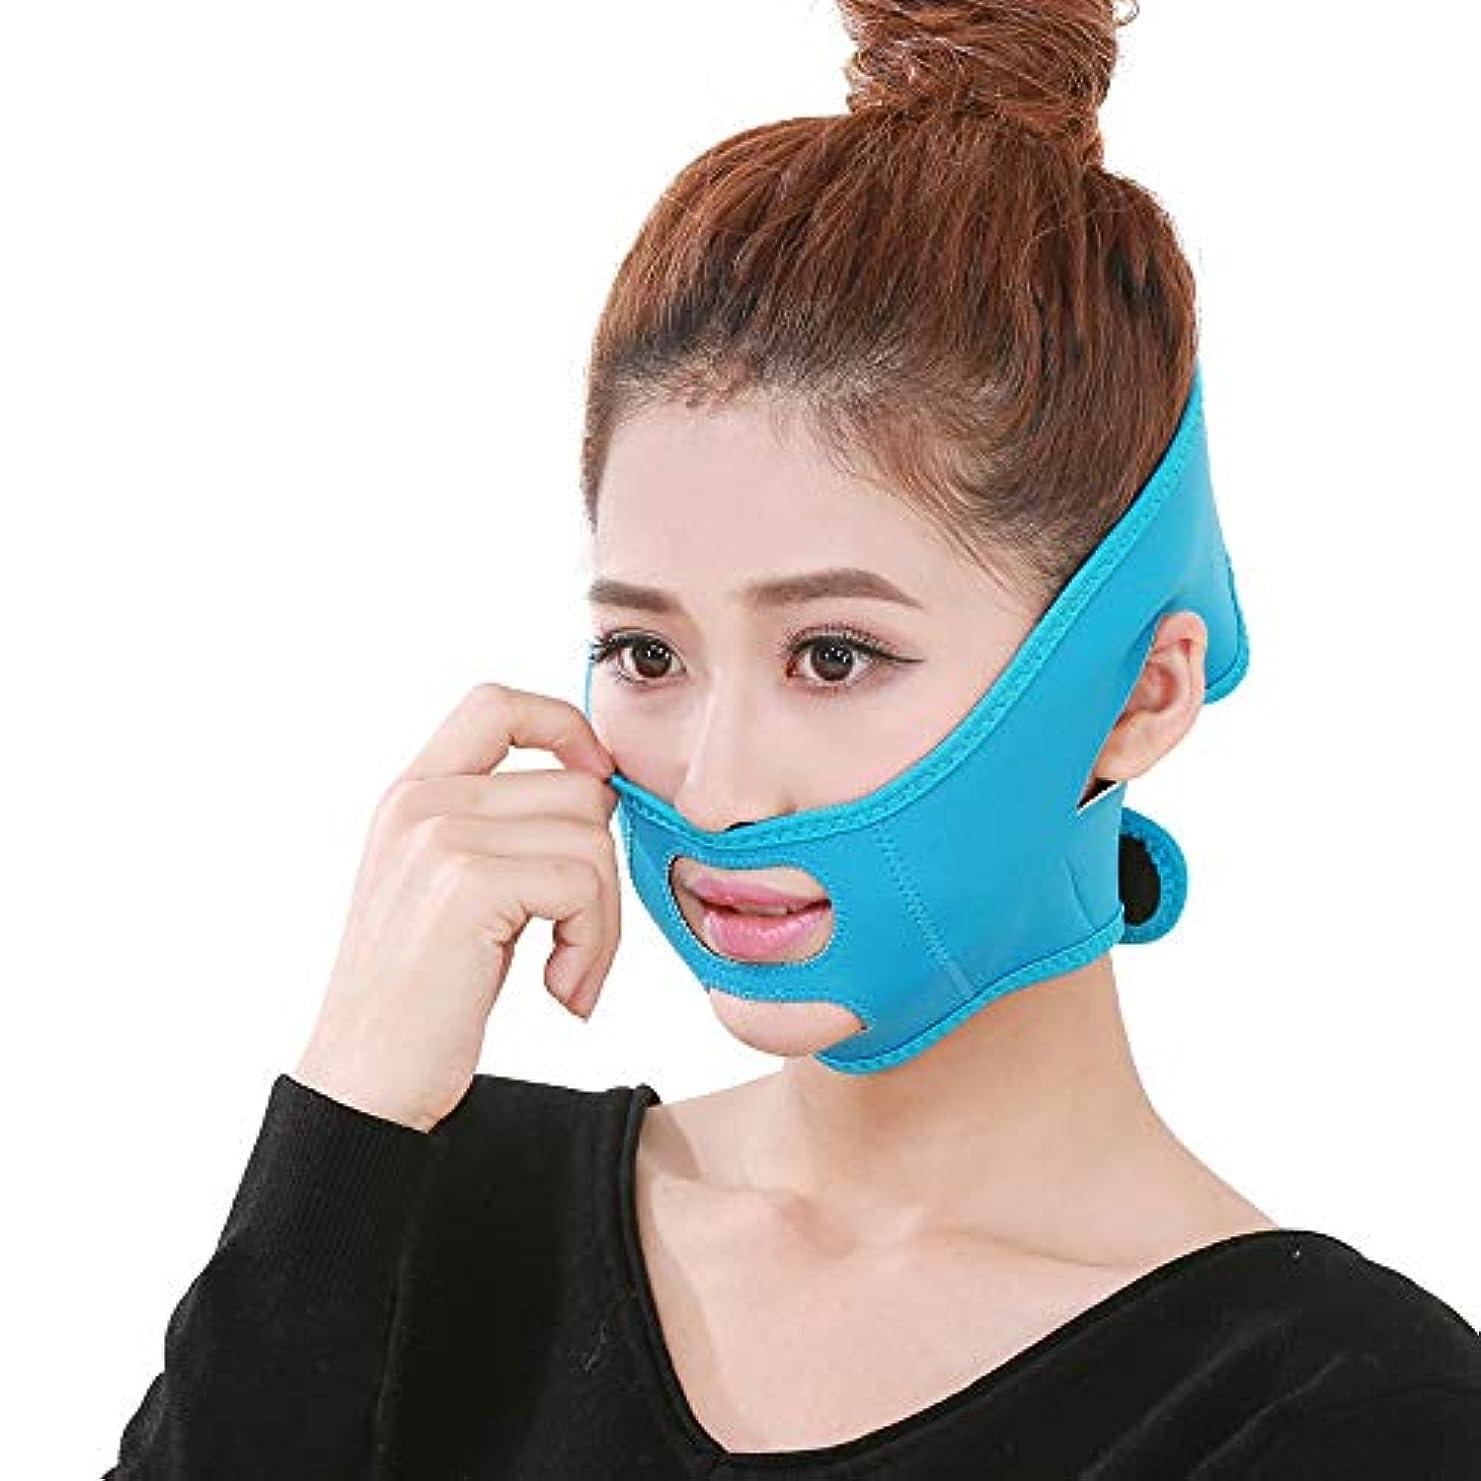 広い間違い通路二重顎ベルト、V顔面の人工物、薄い顔の包帯、アンチリンクルマスク、リフティングパッキング